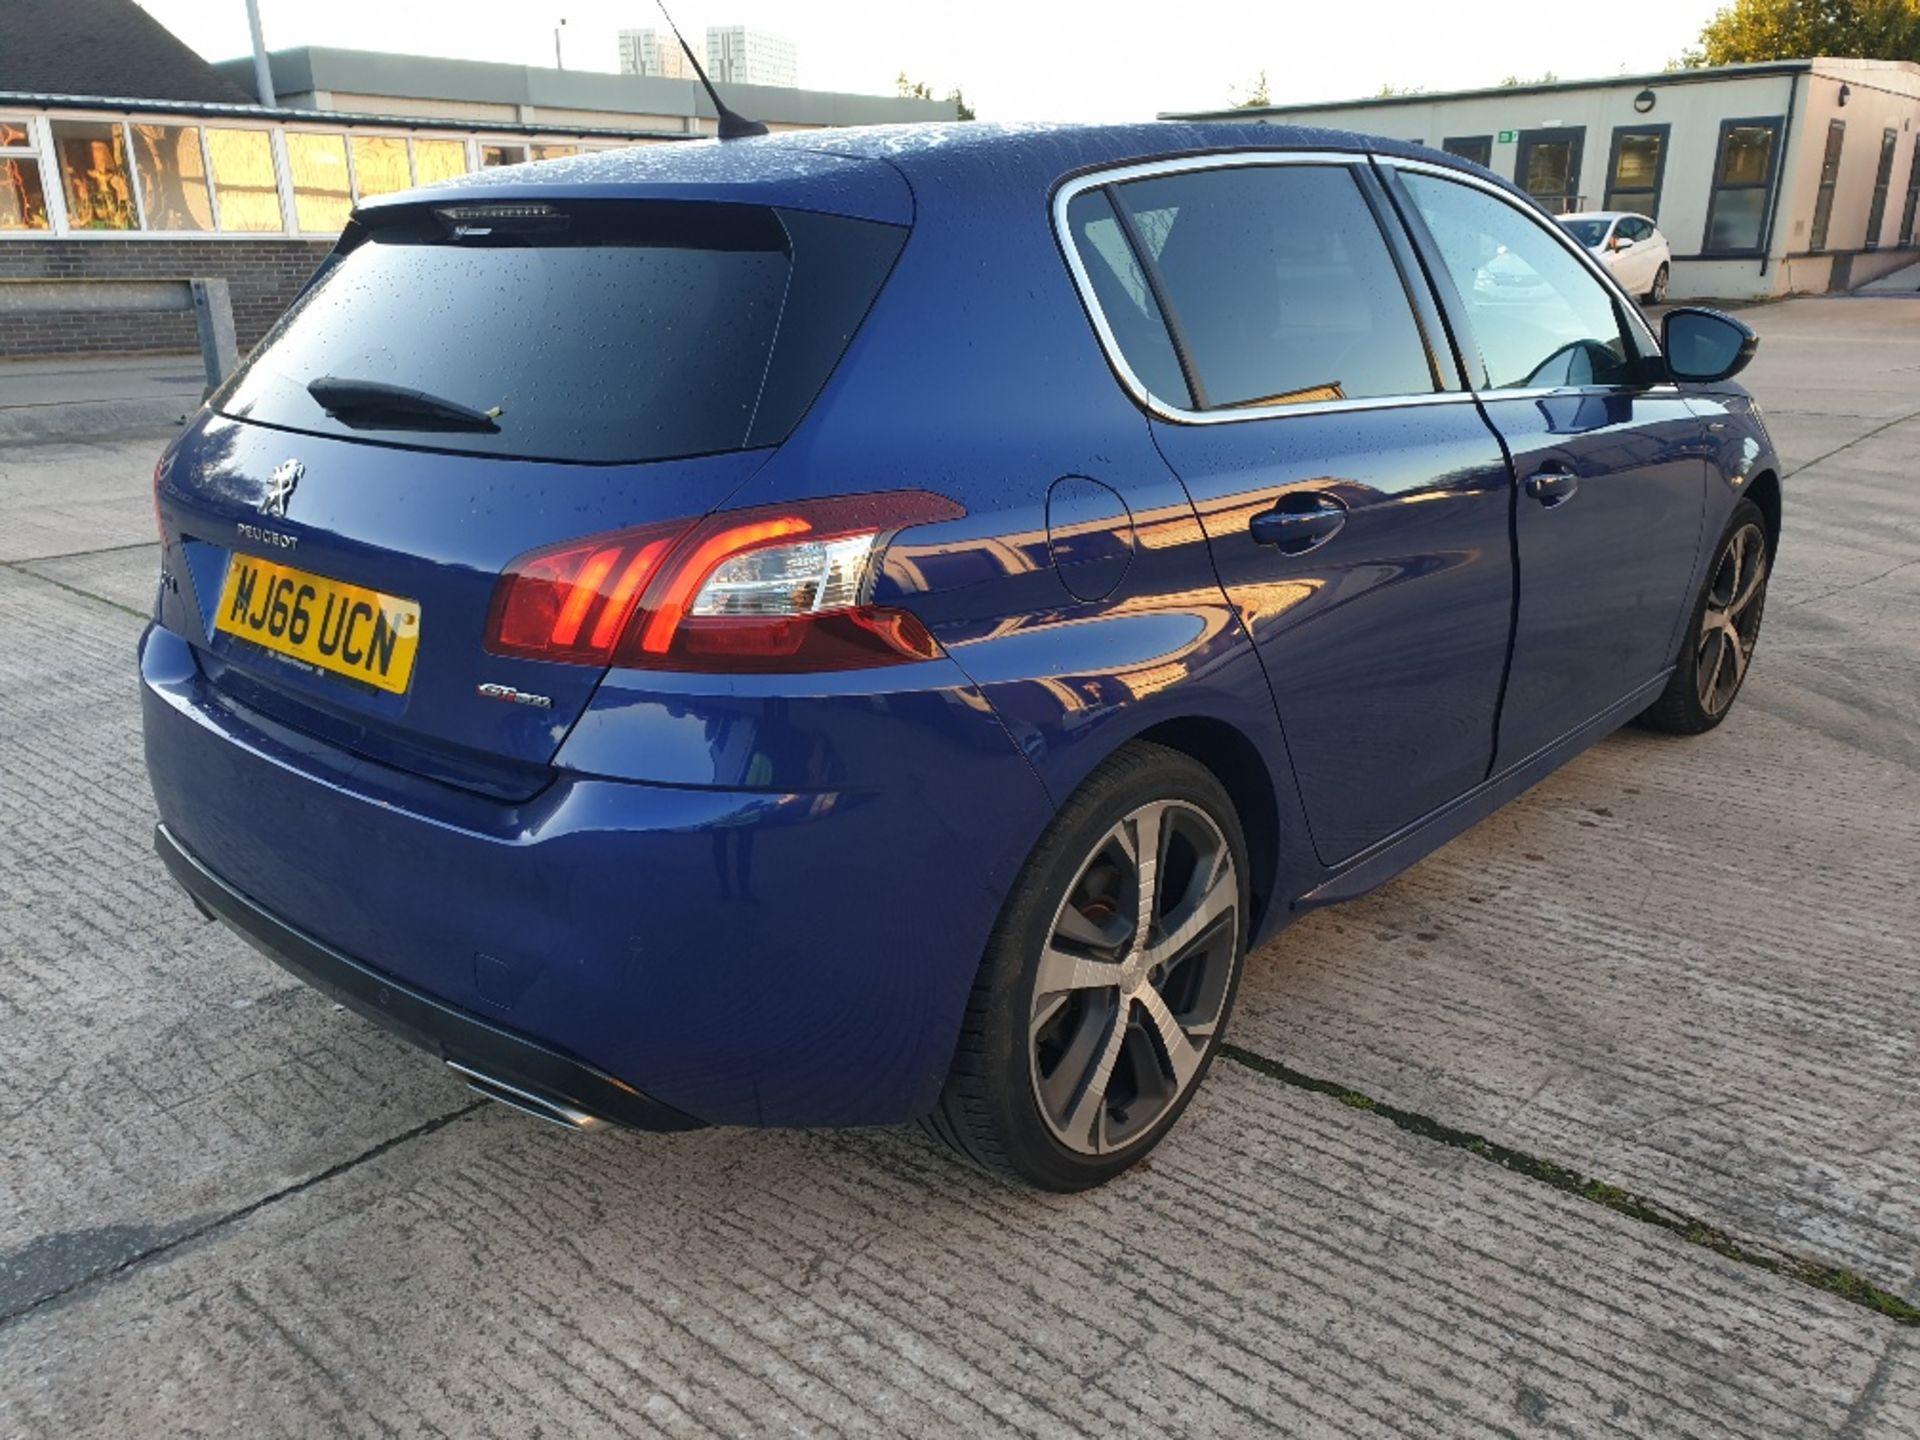 BLUE PEUGEOT 308 GT LINE. Reg : MJ66 UCN, Mileage : 14470 Details: WITH 2 X KEYS WITH V5 MOT UNTIL - Image 2 of 12